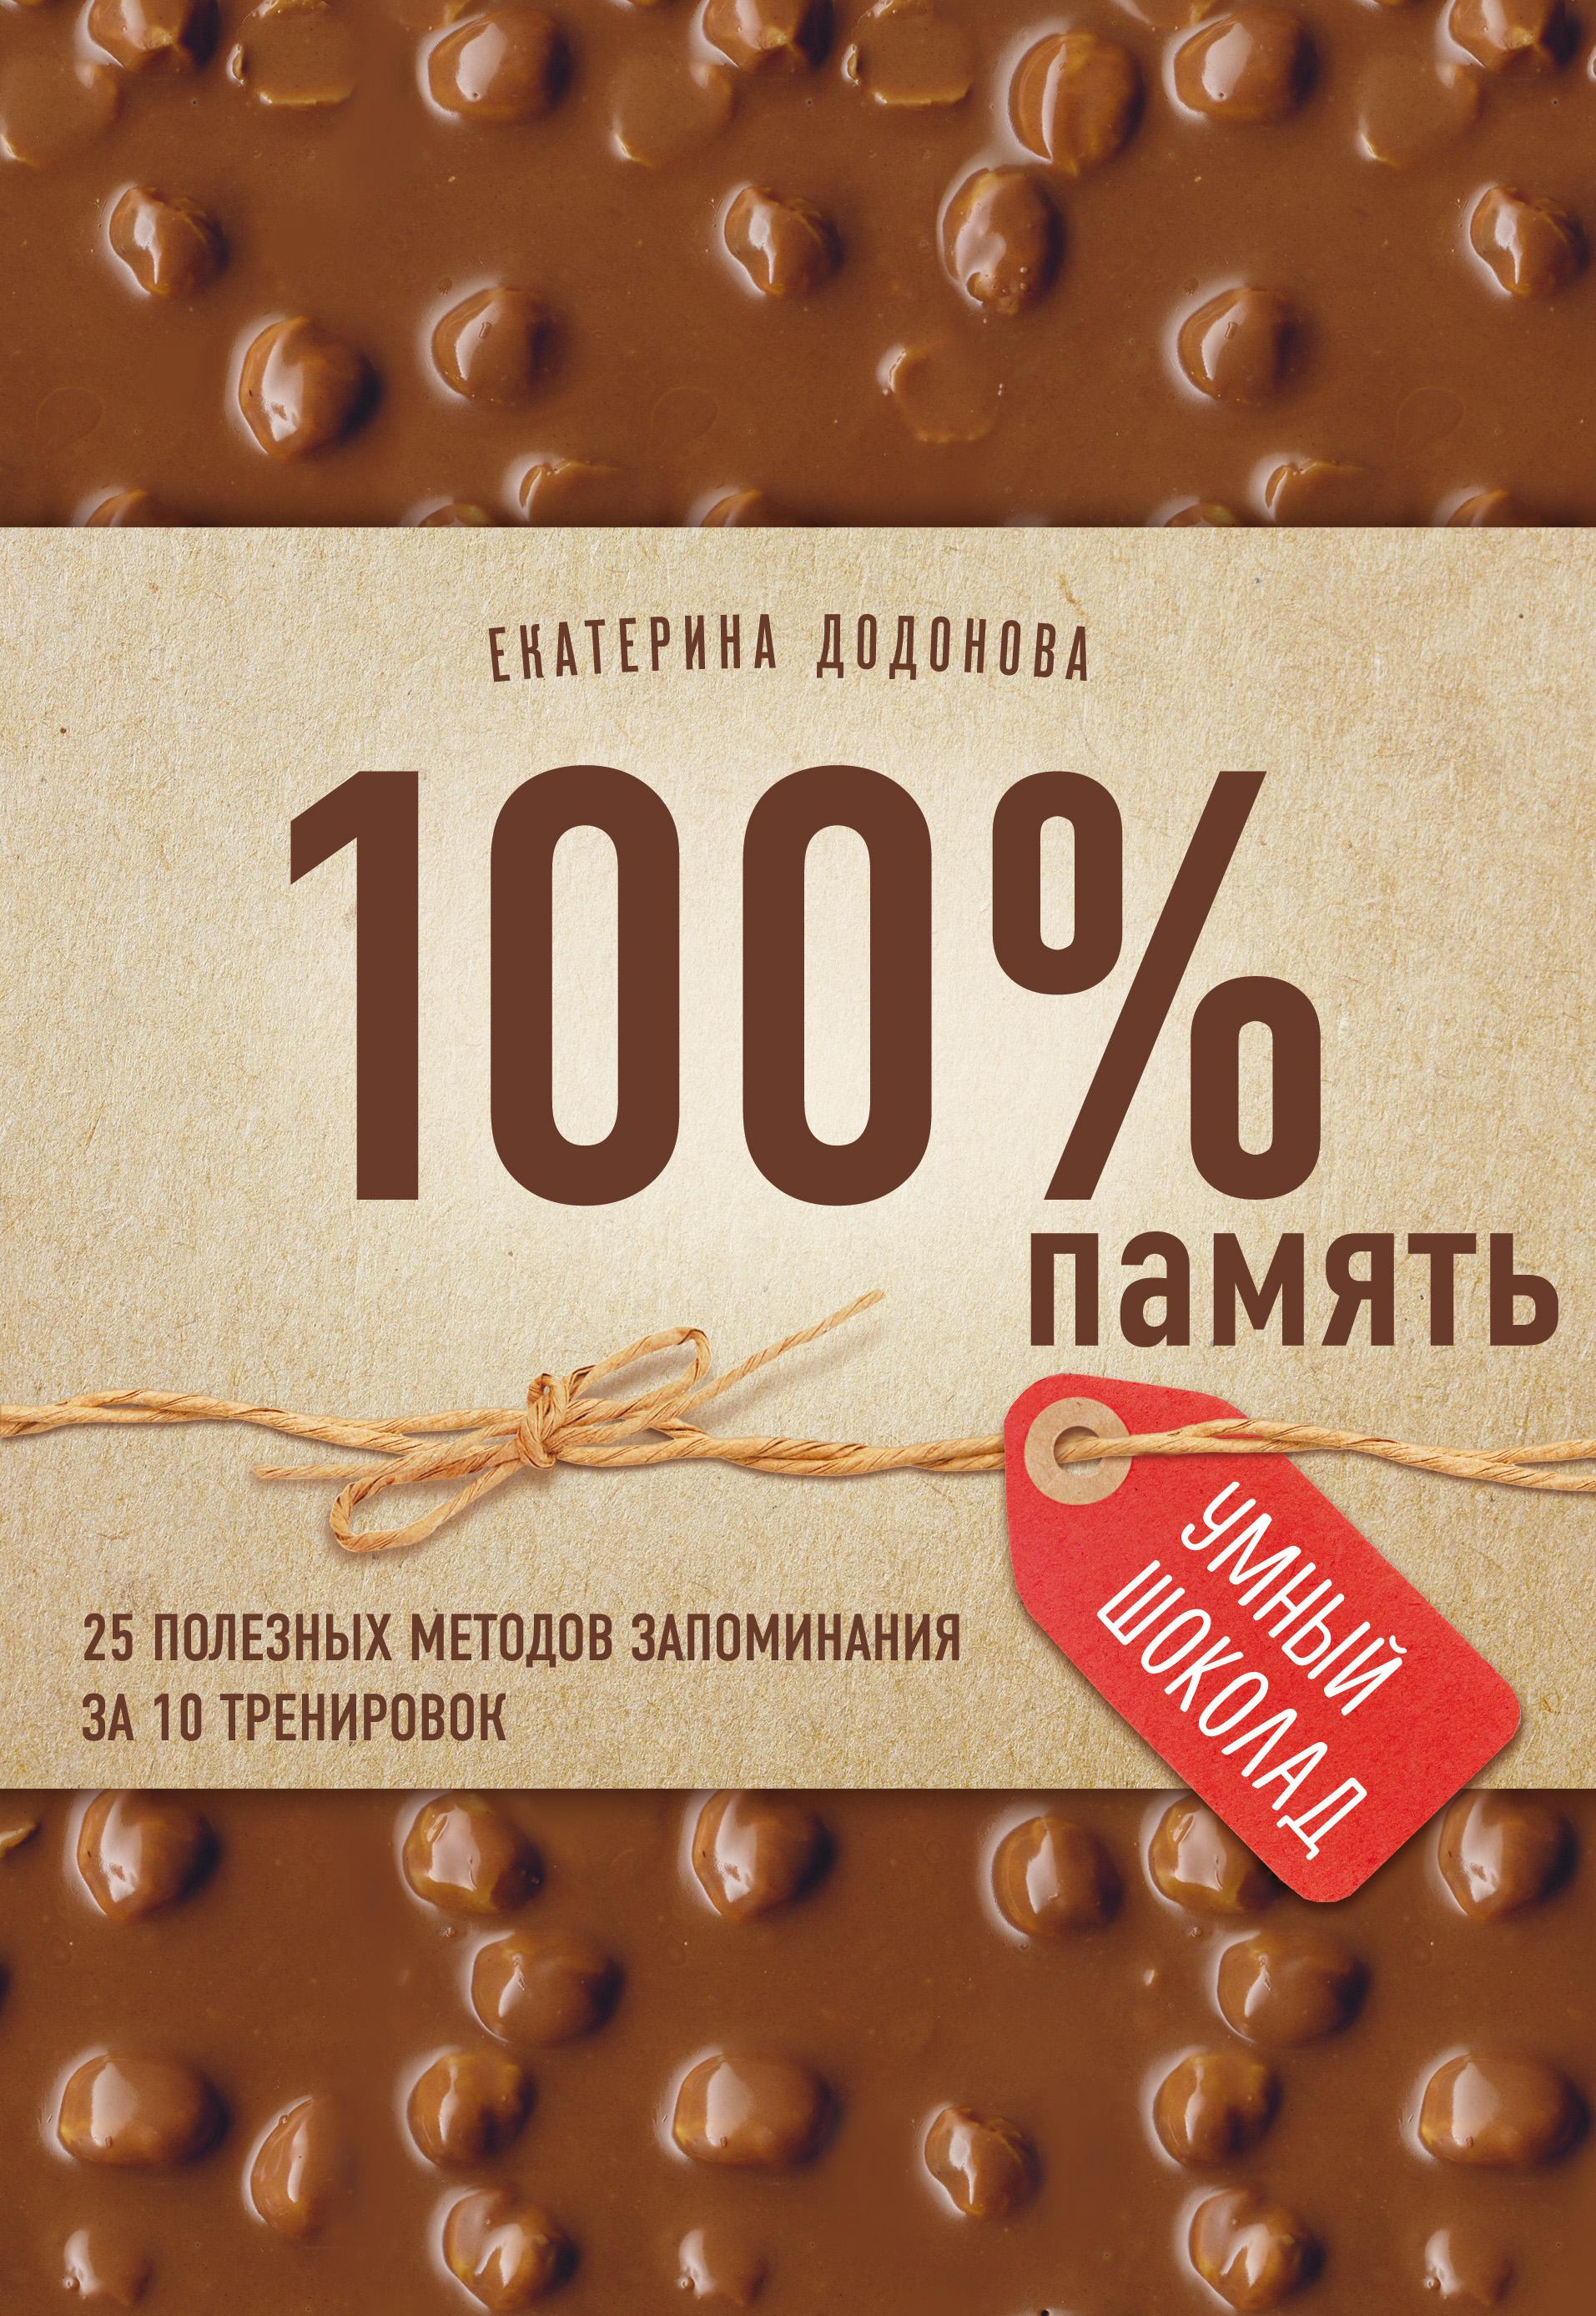 Екатерина Додонова «100% память. 25 полезных методов запоминания за 10 тренировок»